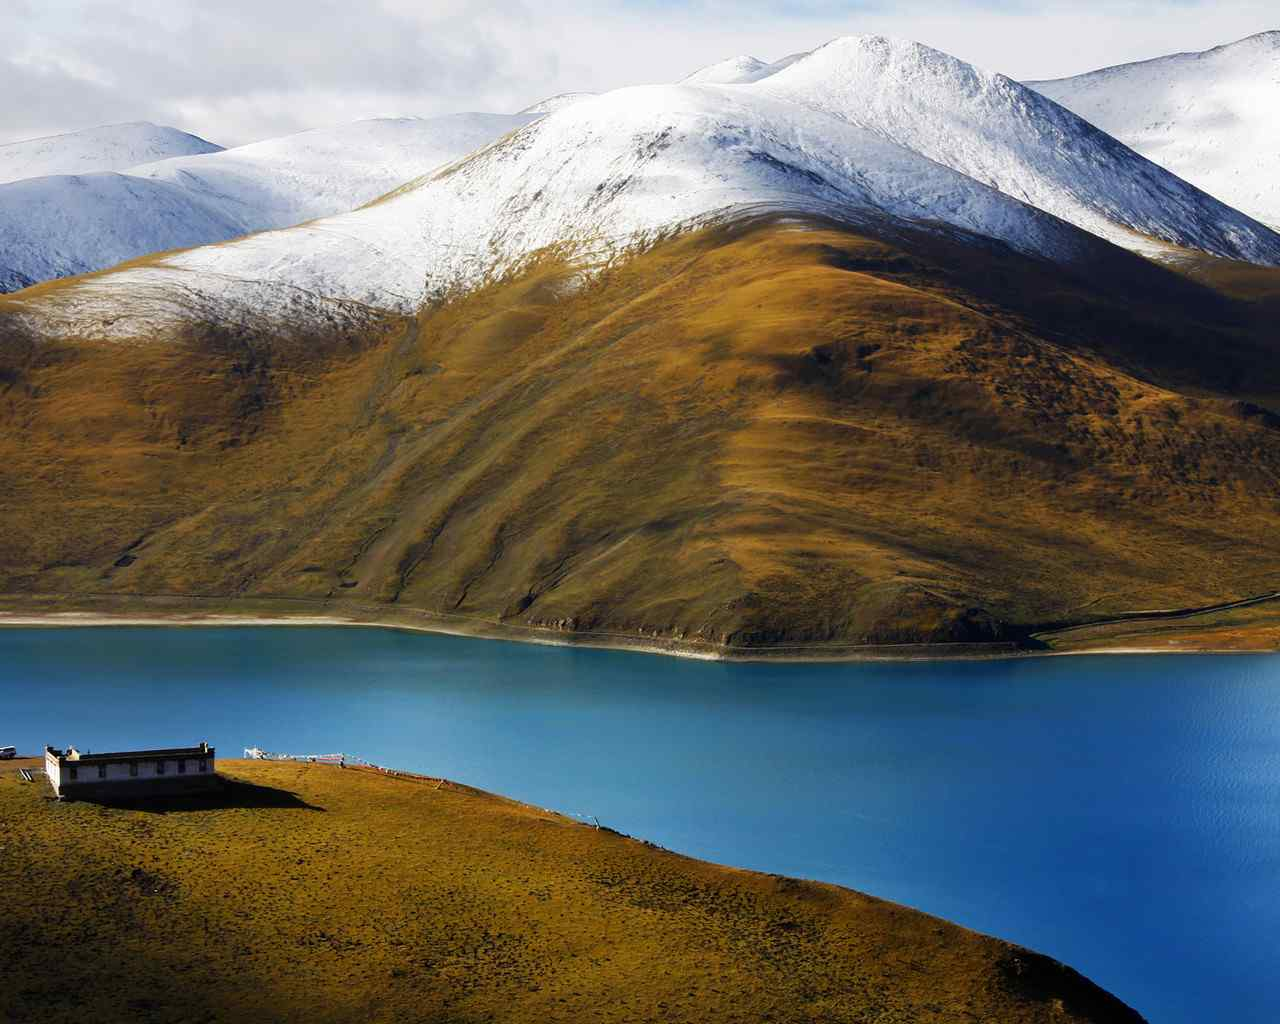 美丽的西藏风光高清桌面壁纸